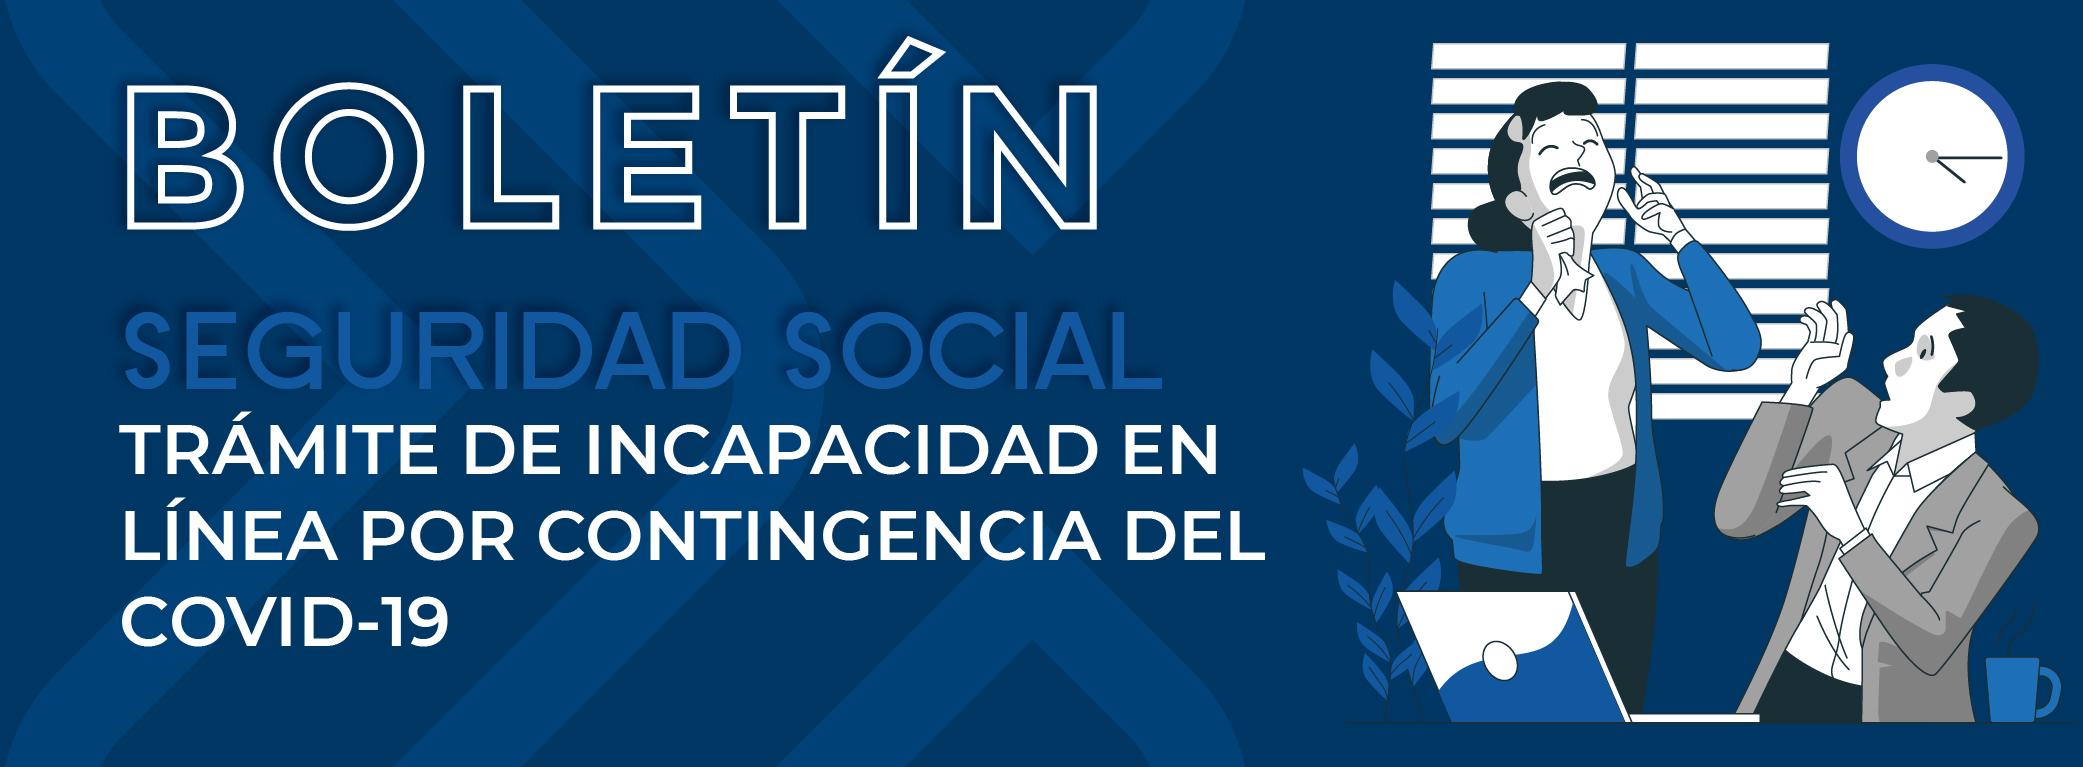 IMSS: TRÁMITE DE INCAPACIDAD EN LÍNEA POR CONTINGENCIA DE COVID-19 4 Incapacidad por COVID 19 01